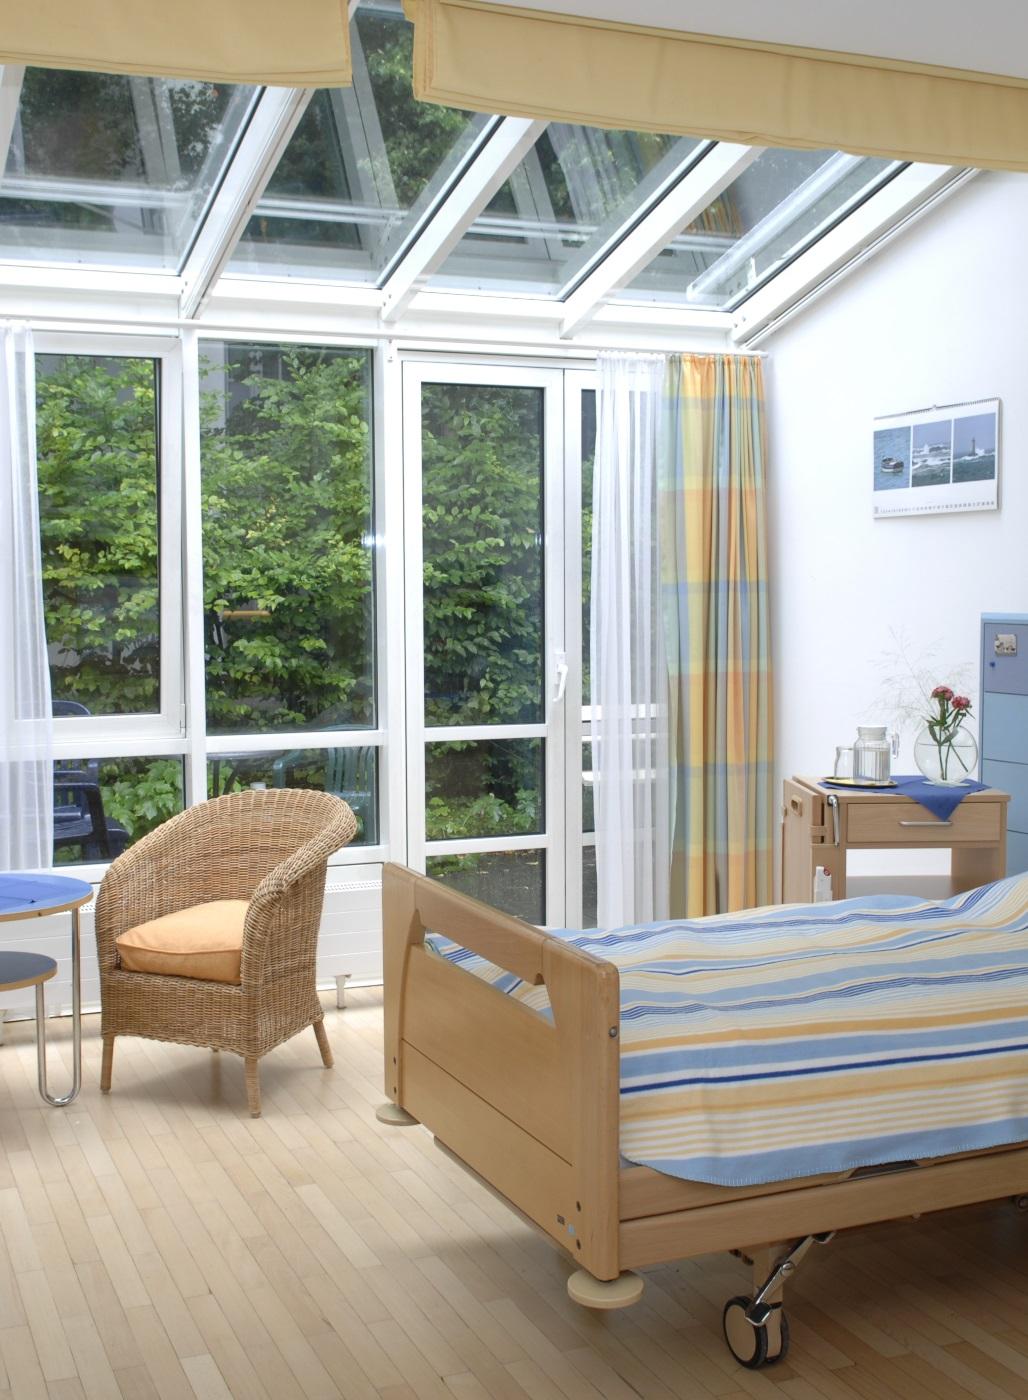 Helles, freudliches Zimmer auf einer Palliativstation im Krankenhaus.